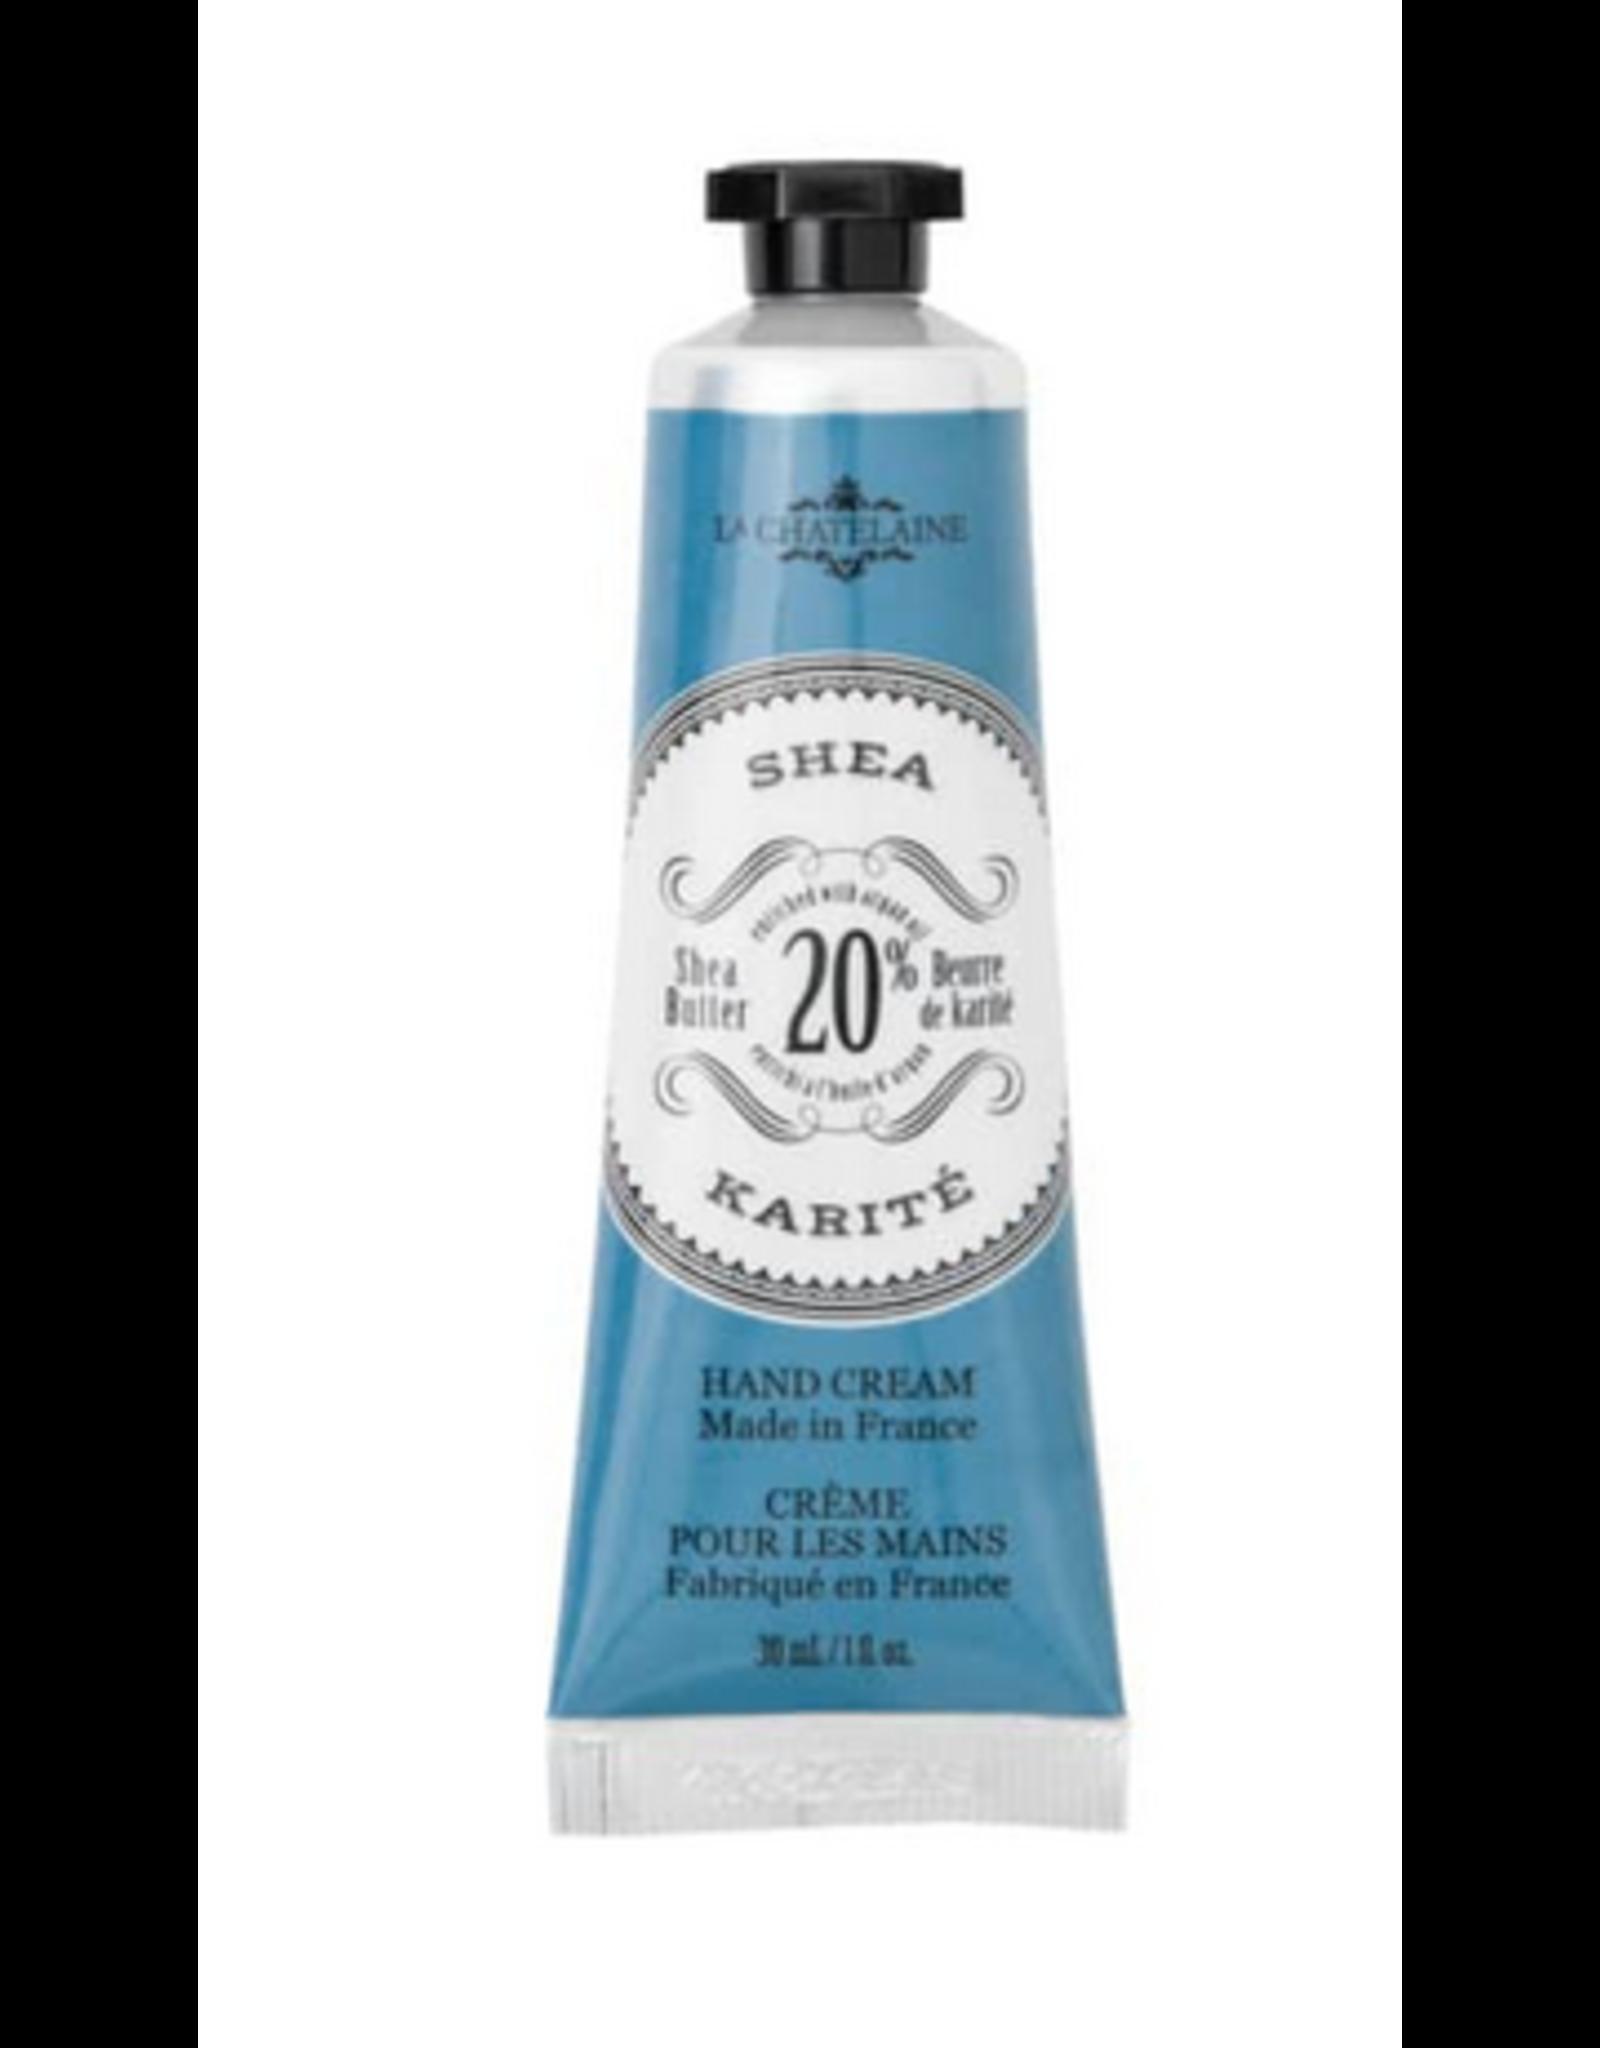 La Chatelaine Shea Karite Hand Cream